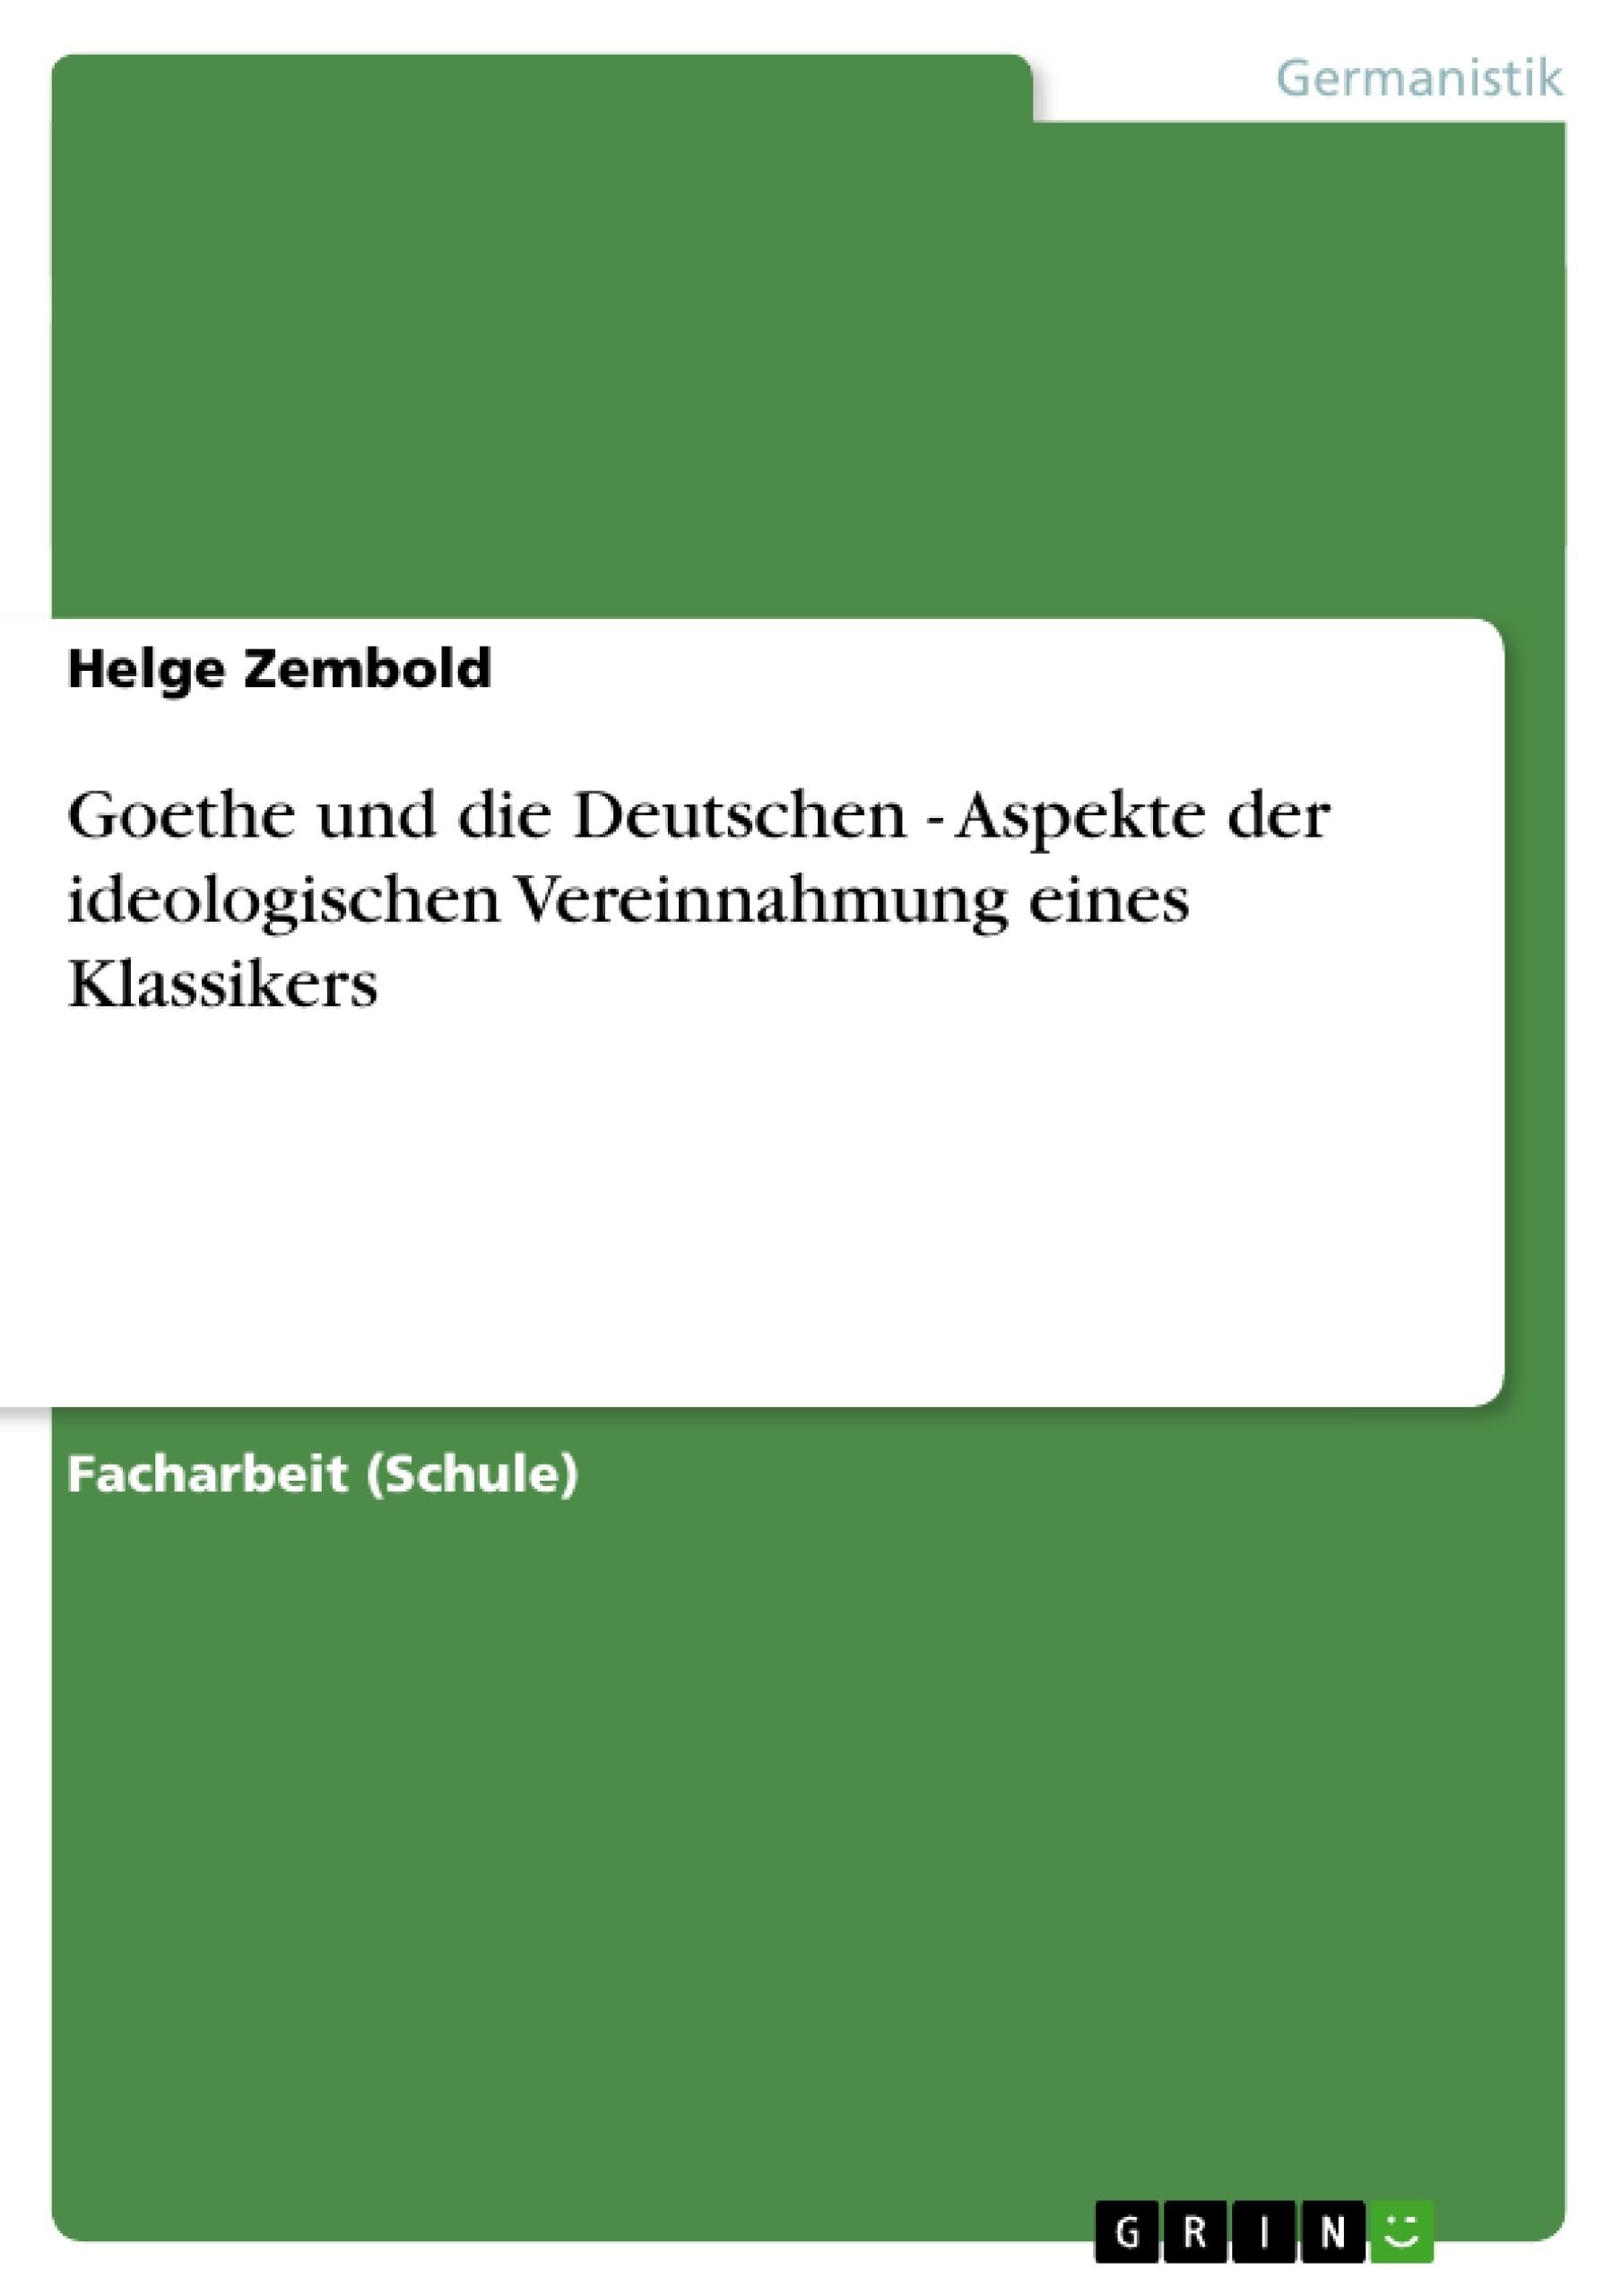 Titel: Goethe und die Deutschen - Aspekte der ideologischen Vereinnahmung eines Klassikers